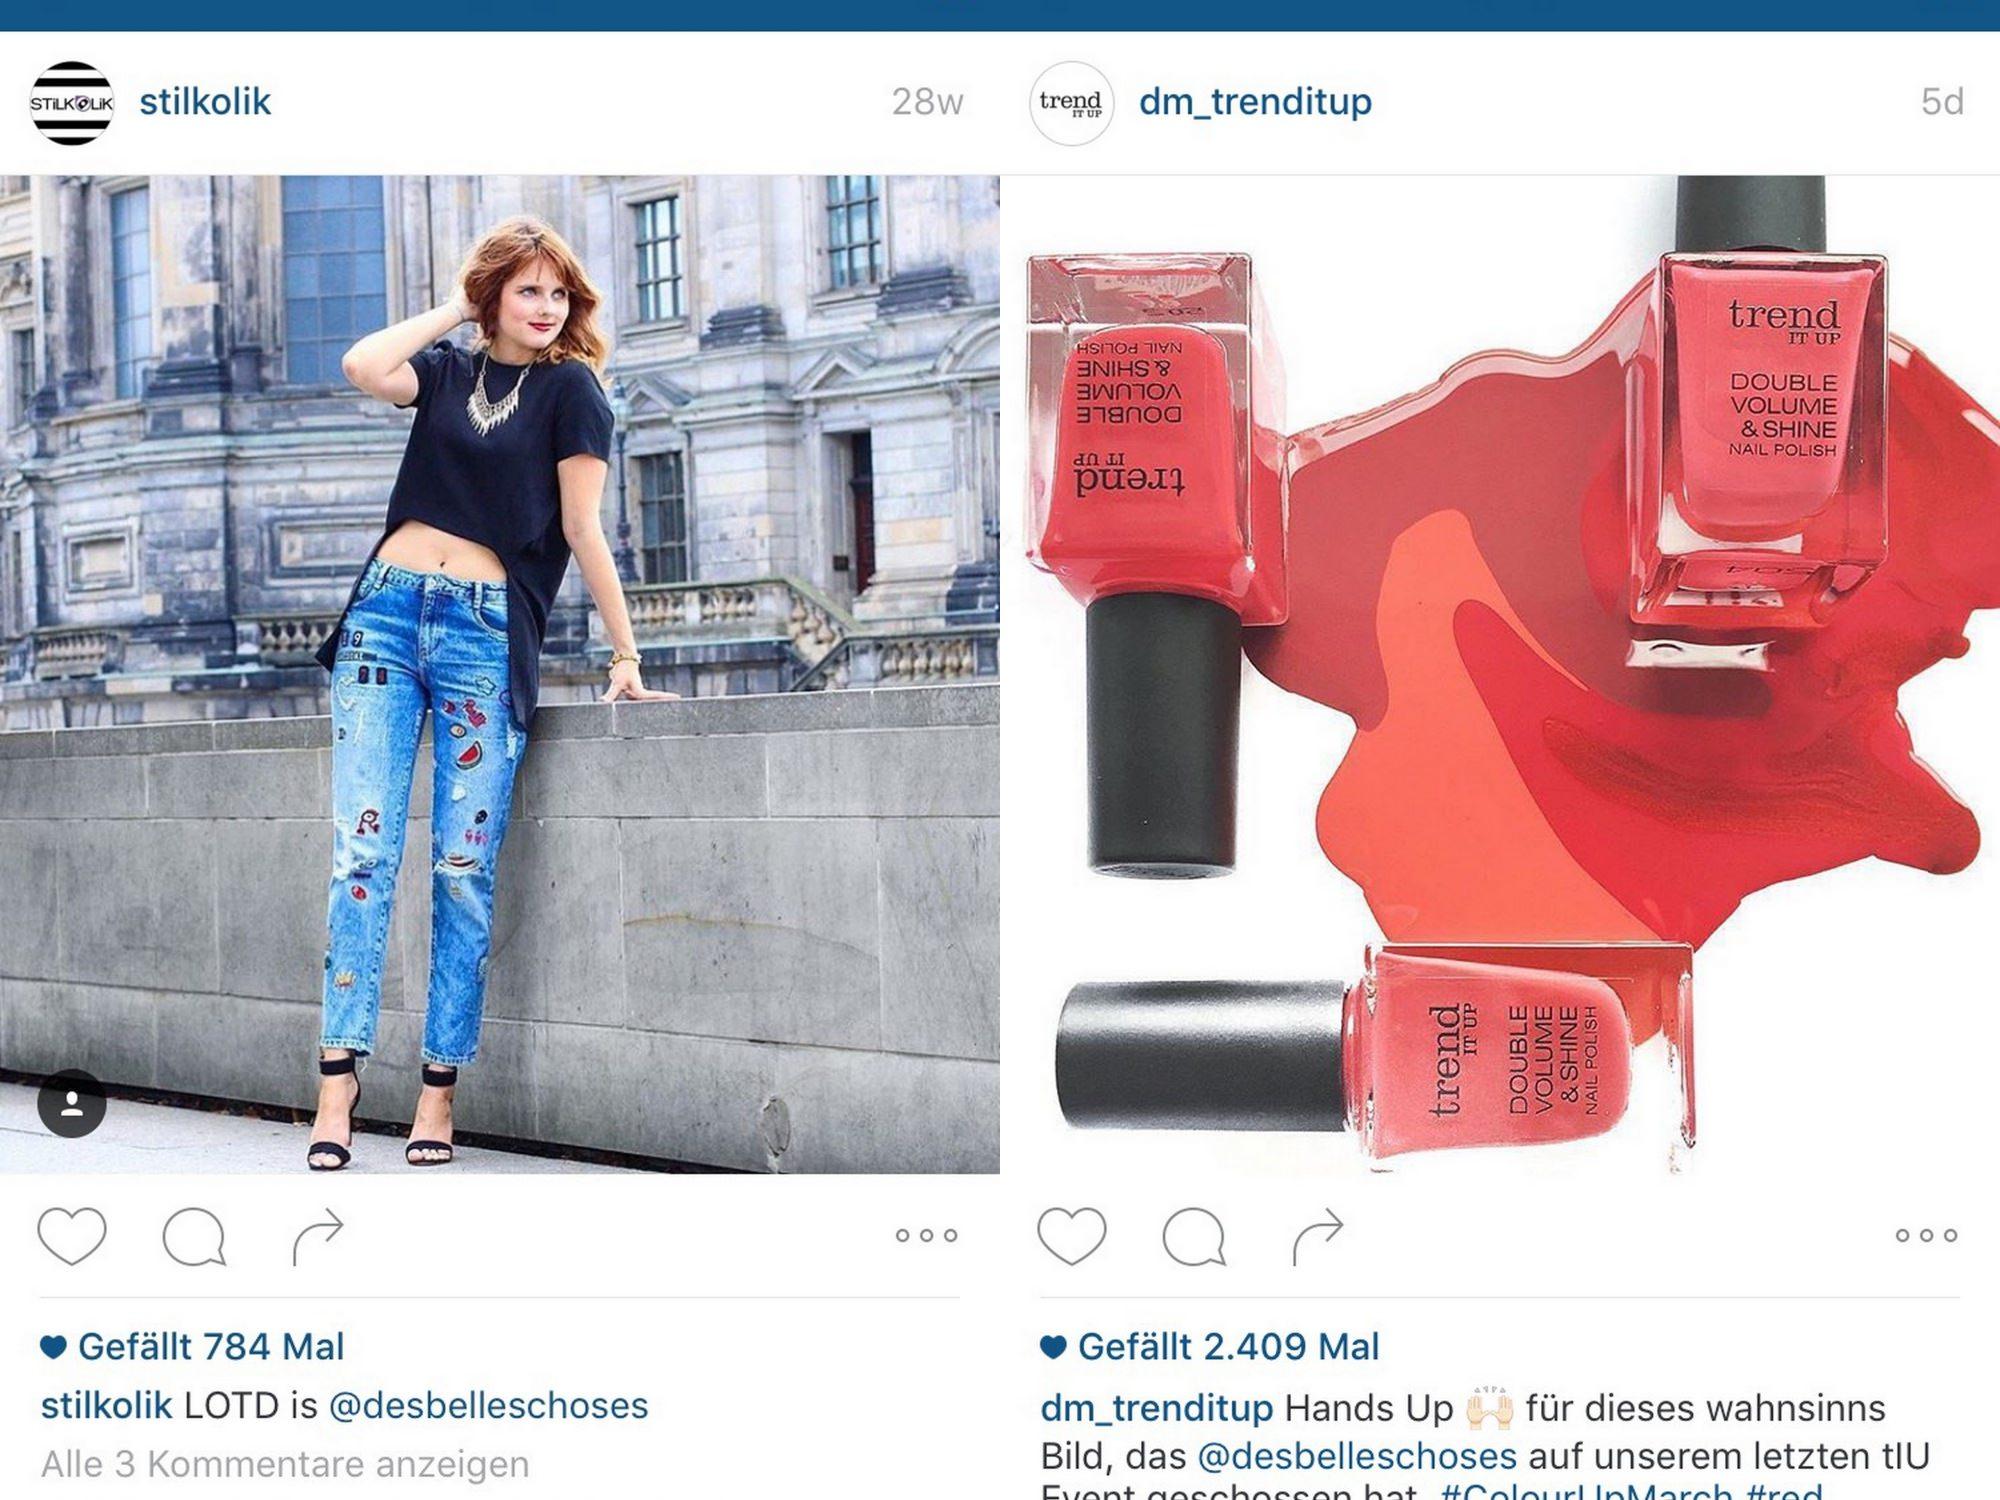 desbelleschoses-fashion-blog-köln-online-erwähnungen 3